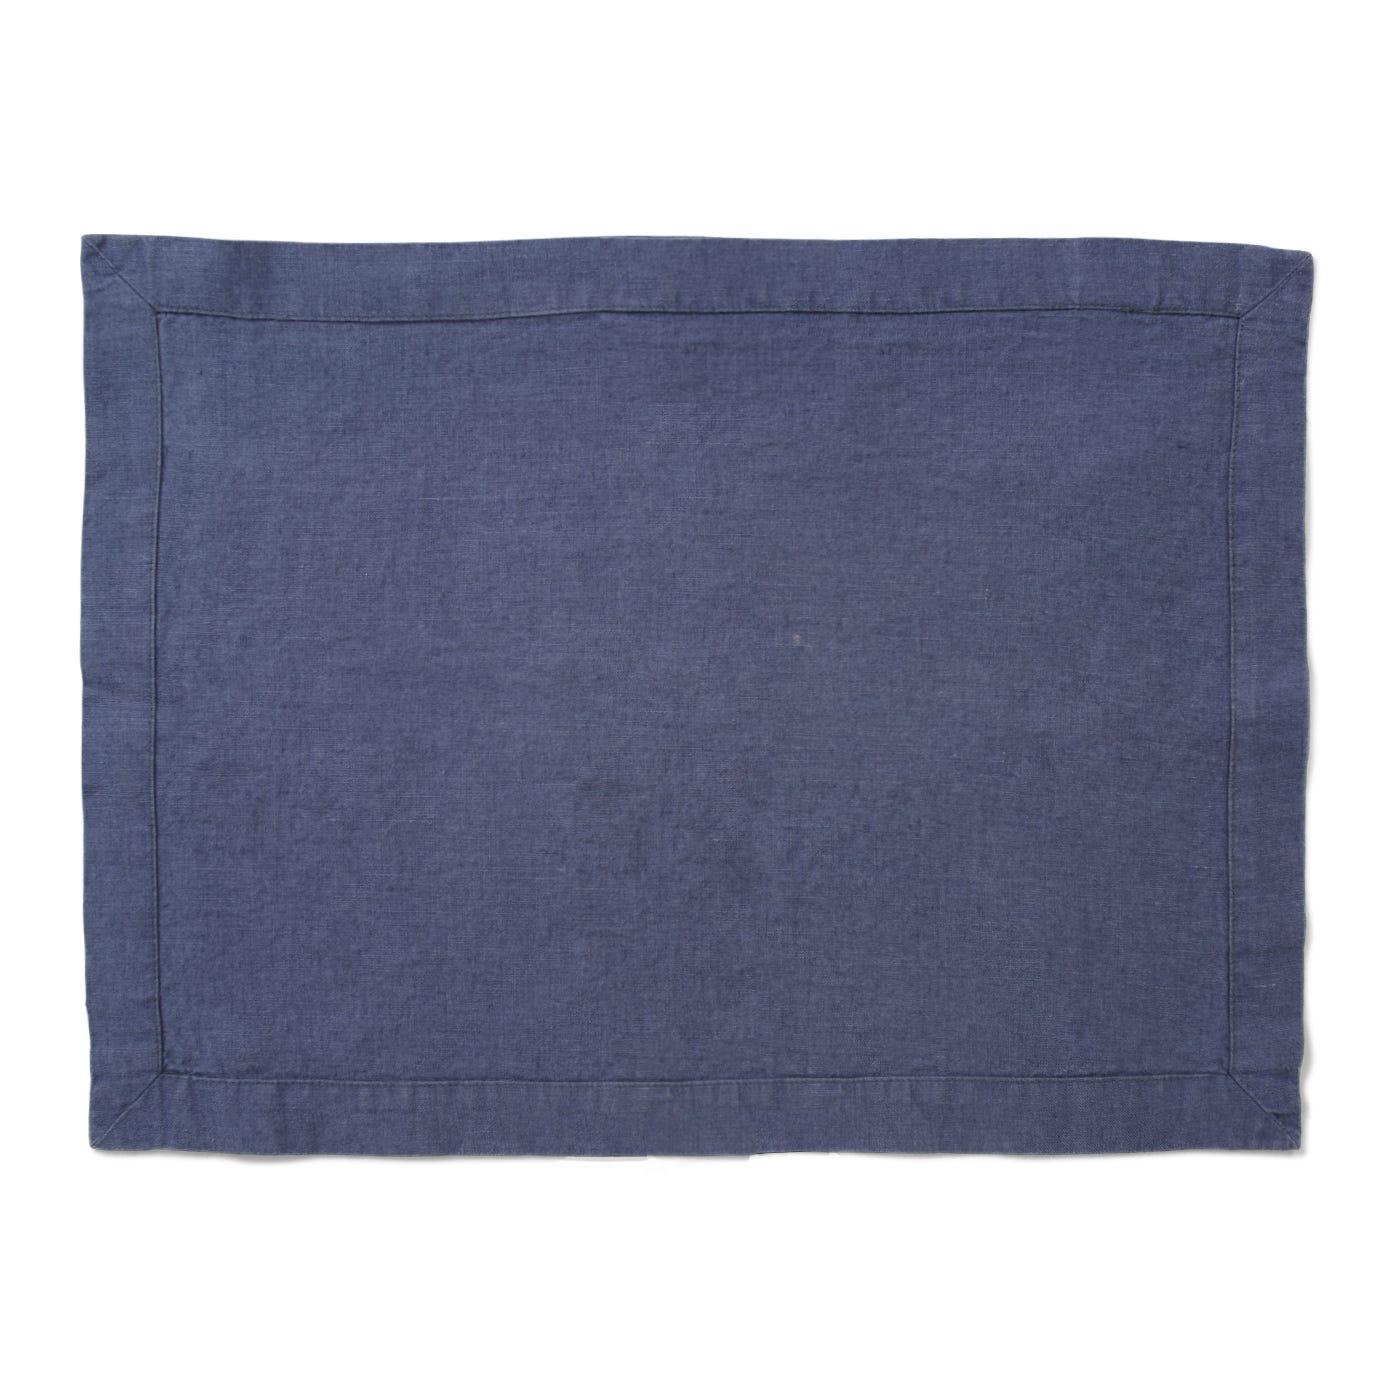 Heal's Heal's Linen Placemat Denim Blue